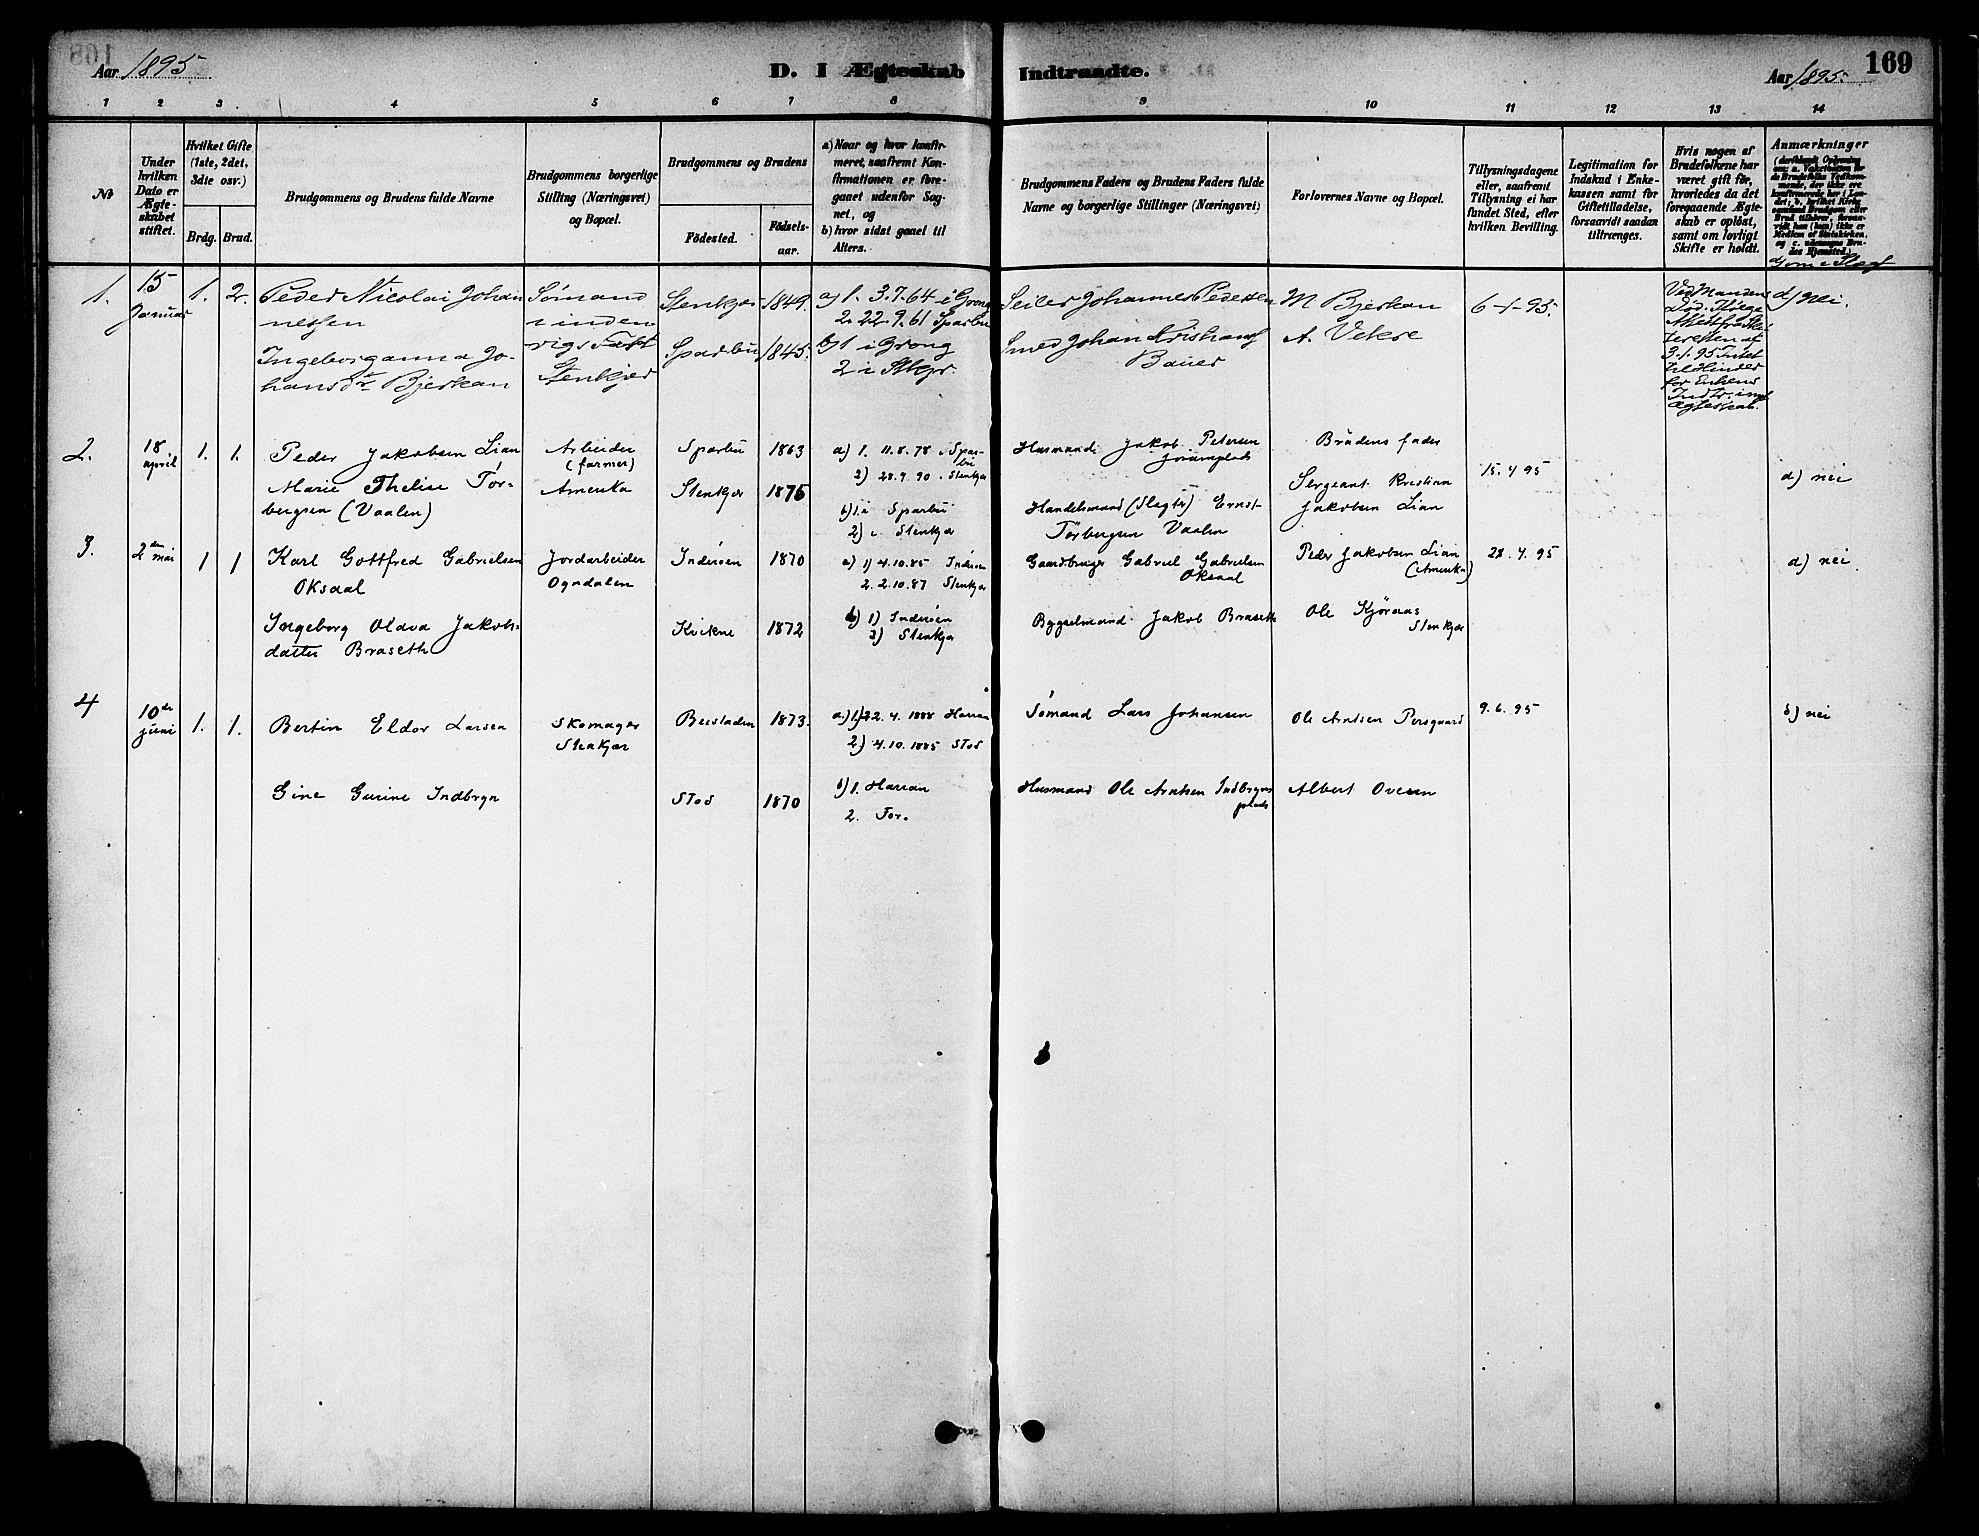 SAT, Ministerialprotokoller, klokkerbøker og fødselsregistre - Nord-Trøndelag, 739/L0371: Ministerialbok nr. 739A03, 1881-1895, s. 169